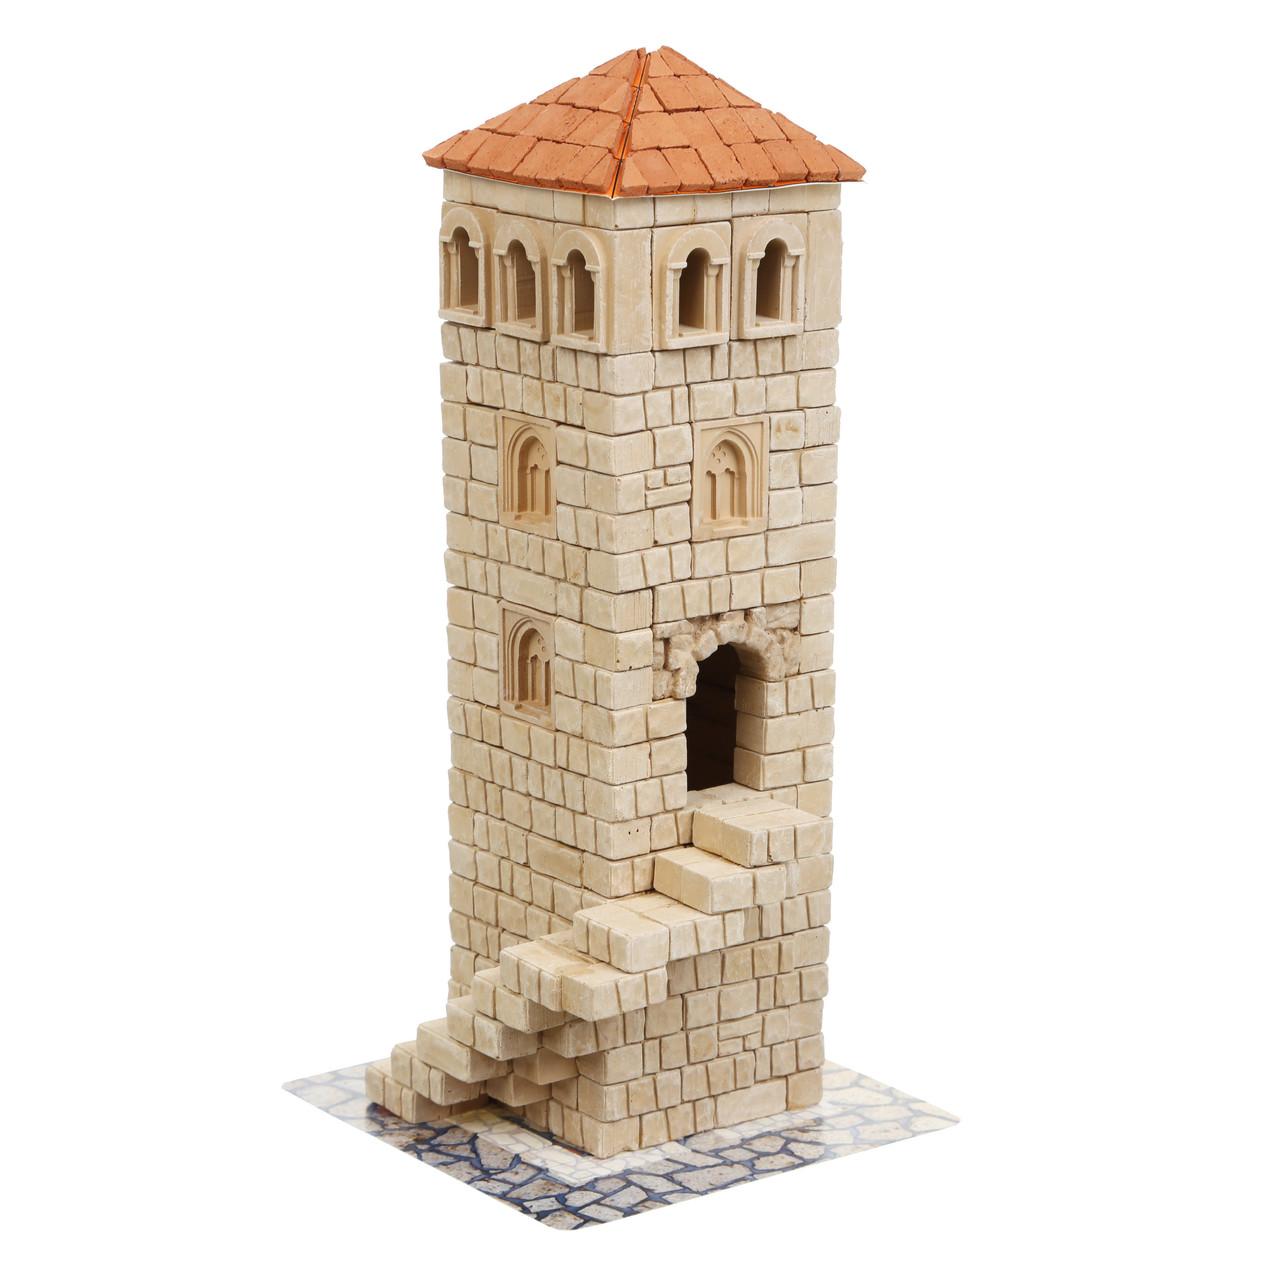 Башня керамический конструктор   500 деталей   Країна замків та фортець (Україна)